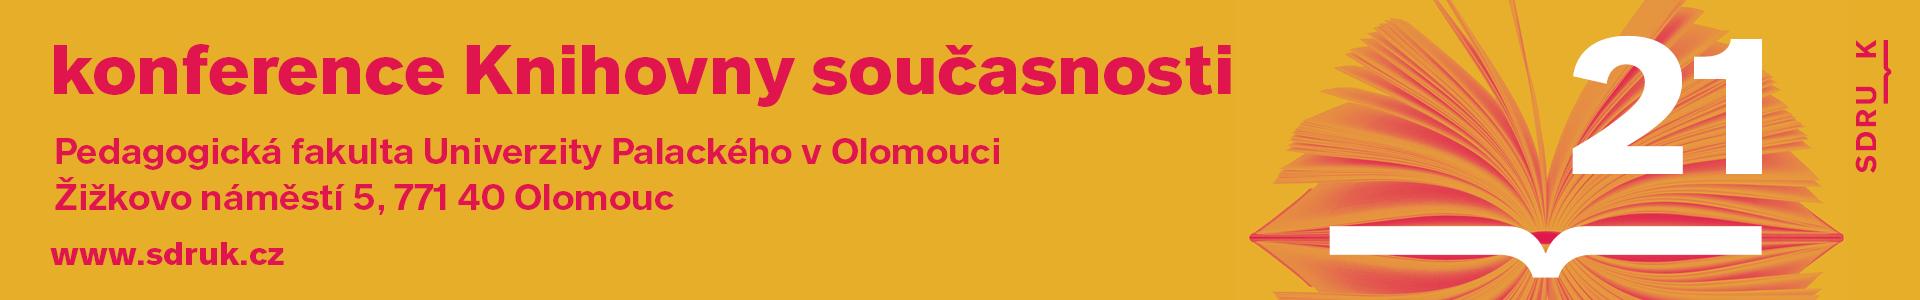 knihovny_soucasnosti_banner_1920x850_012